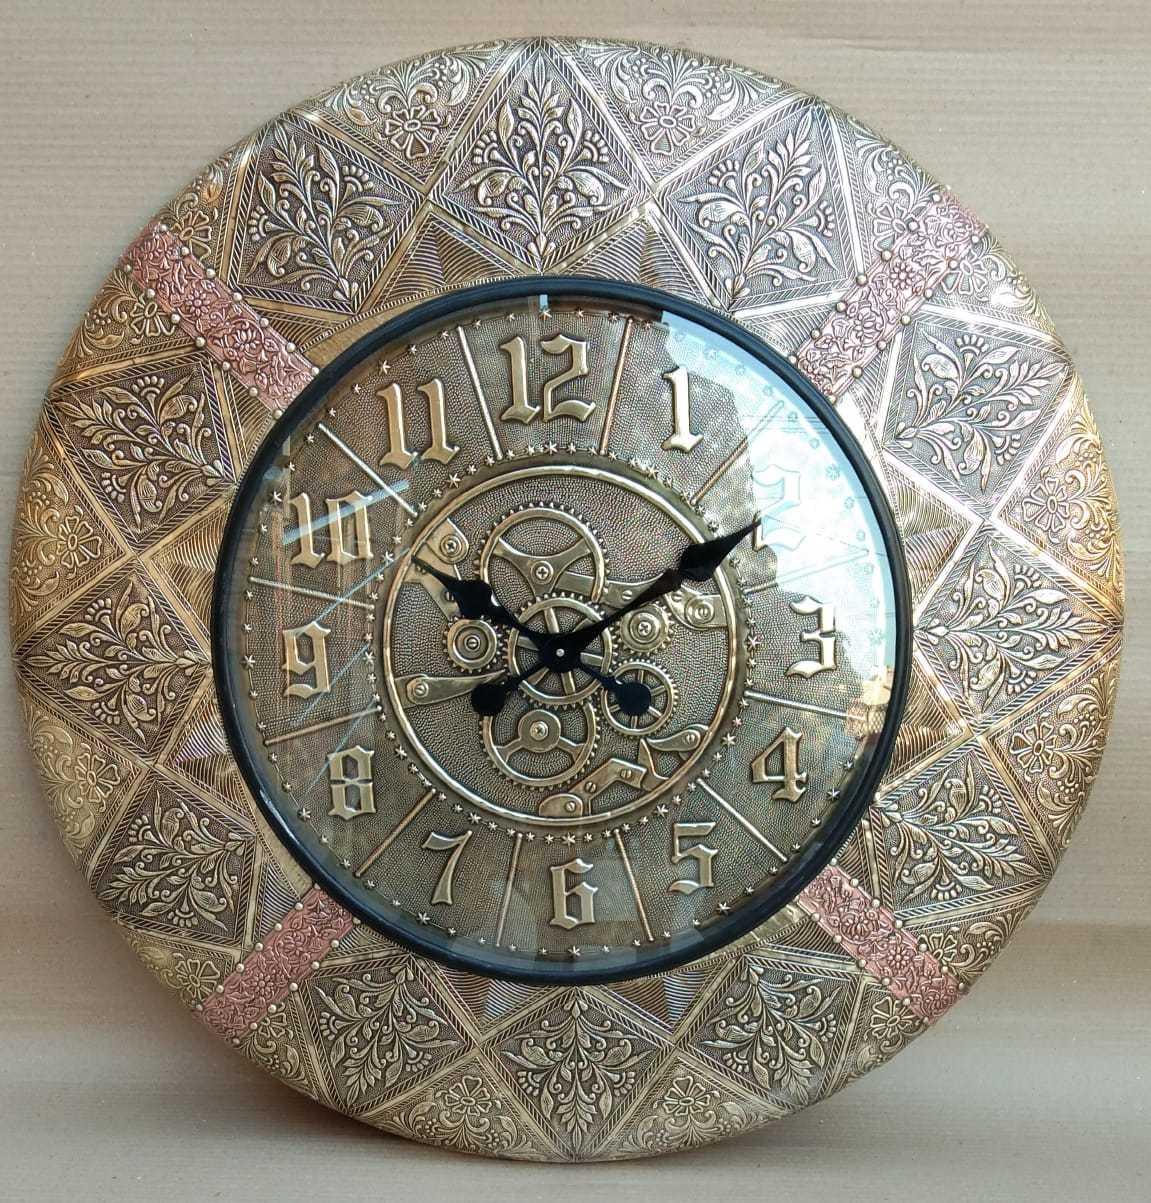 Antique Wall Clock